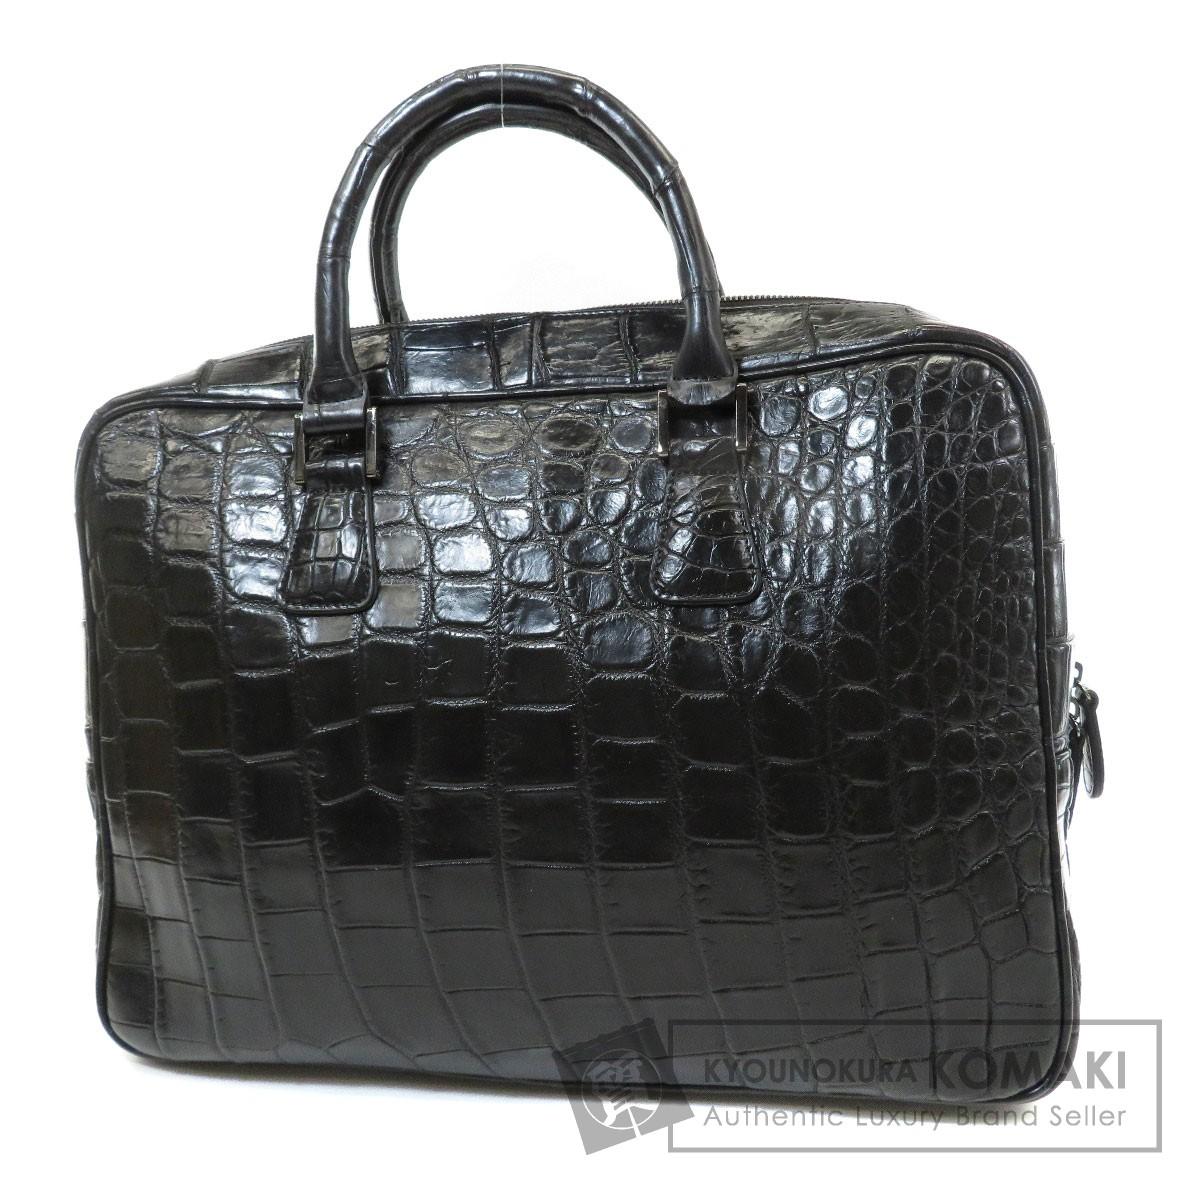 3ed25fdc6f42 SELECT BAG エキゾチックレザー ビジネスバッグ クロコダイル メンズ 【】【セレクトバッグ】 SELECT BAG セレクトバッグ  エキゾチックレザー ビジネスバッグ